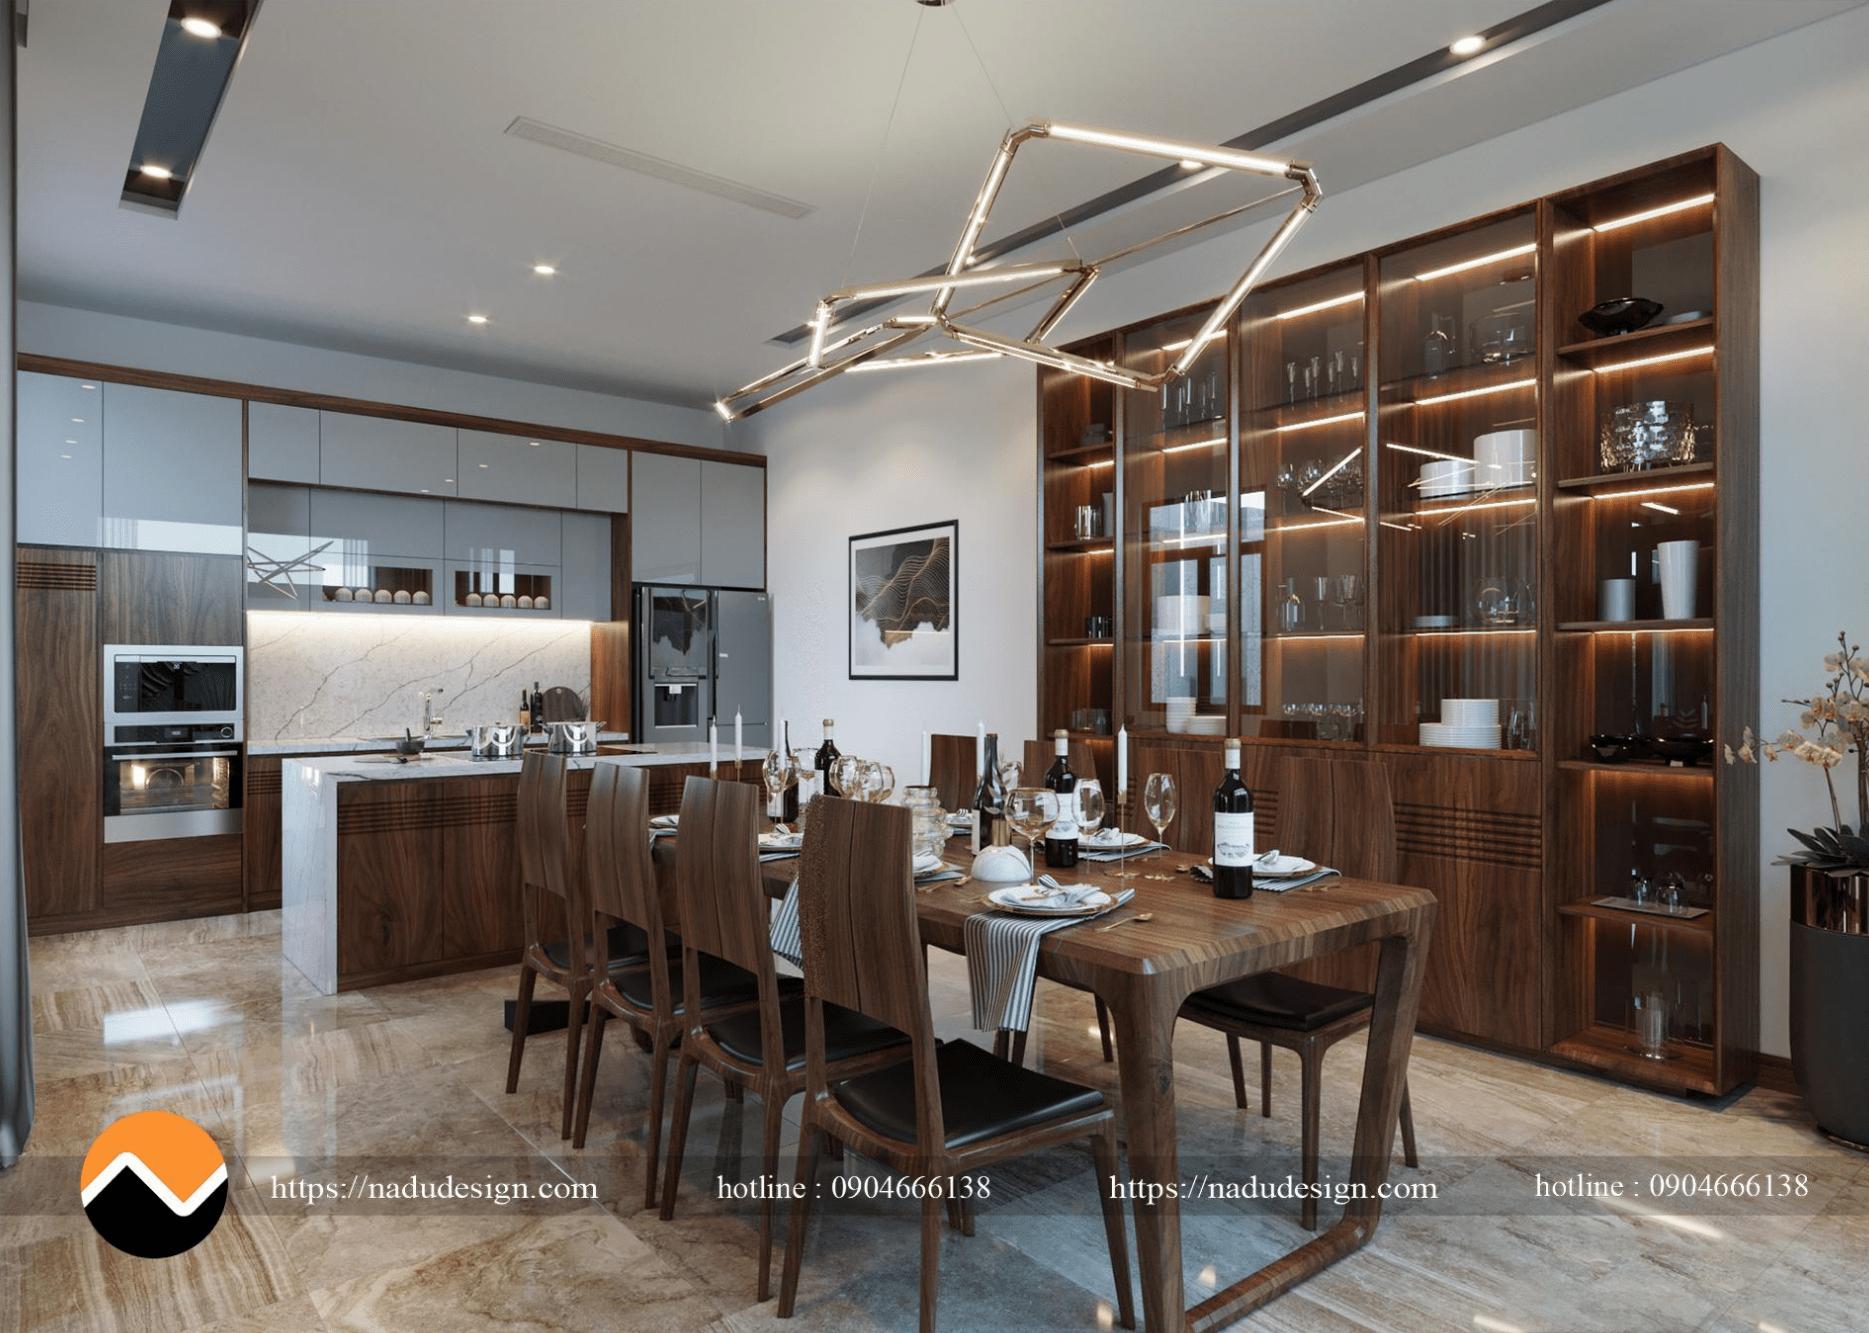 Thiết kế nội thất gỗ óc chó biệt thự Dương Nội, Hà Đông (ảnh 2)